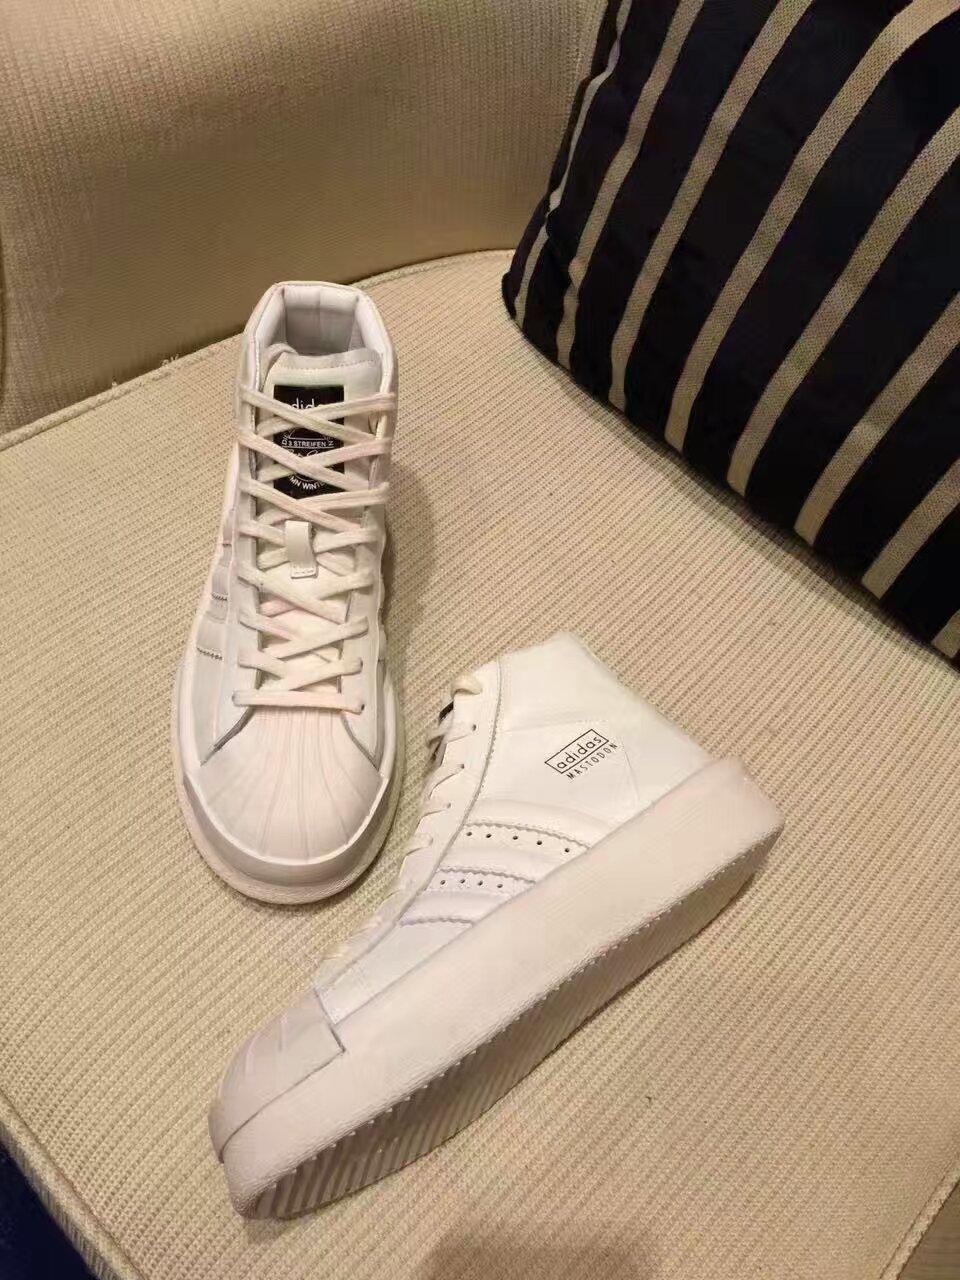 男女款情侣鞋 adidas与先锋设计师 rick owens在今季将前卫hi end风格注入经典鞋款